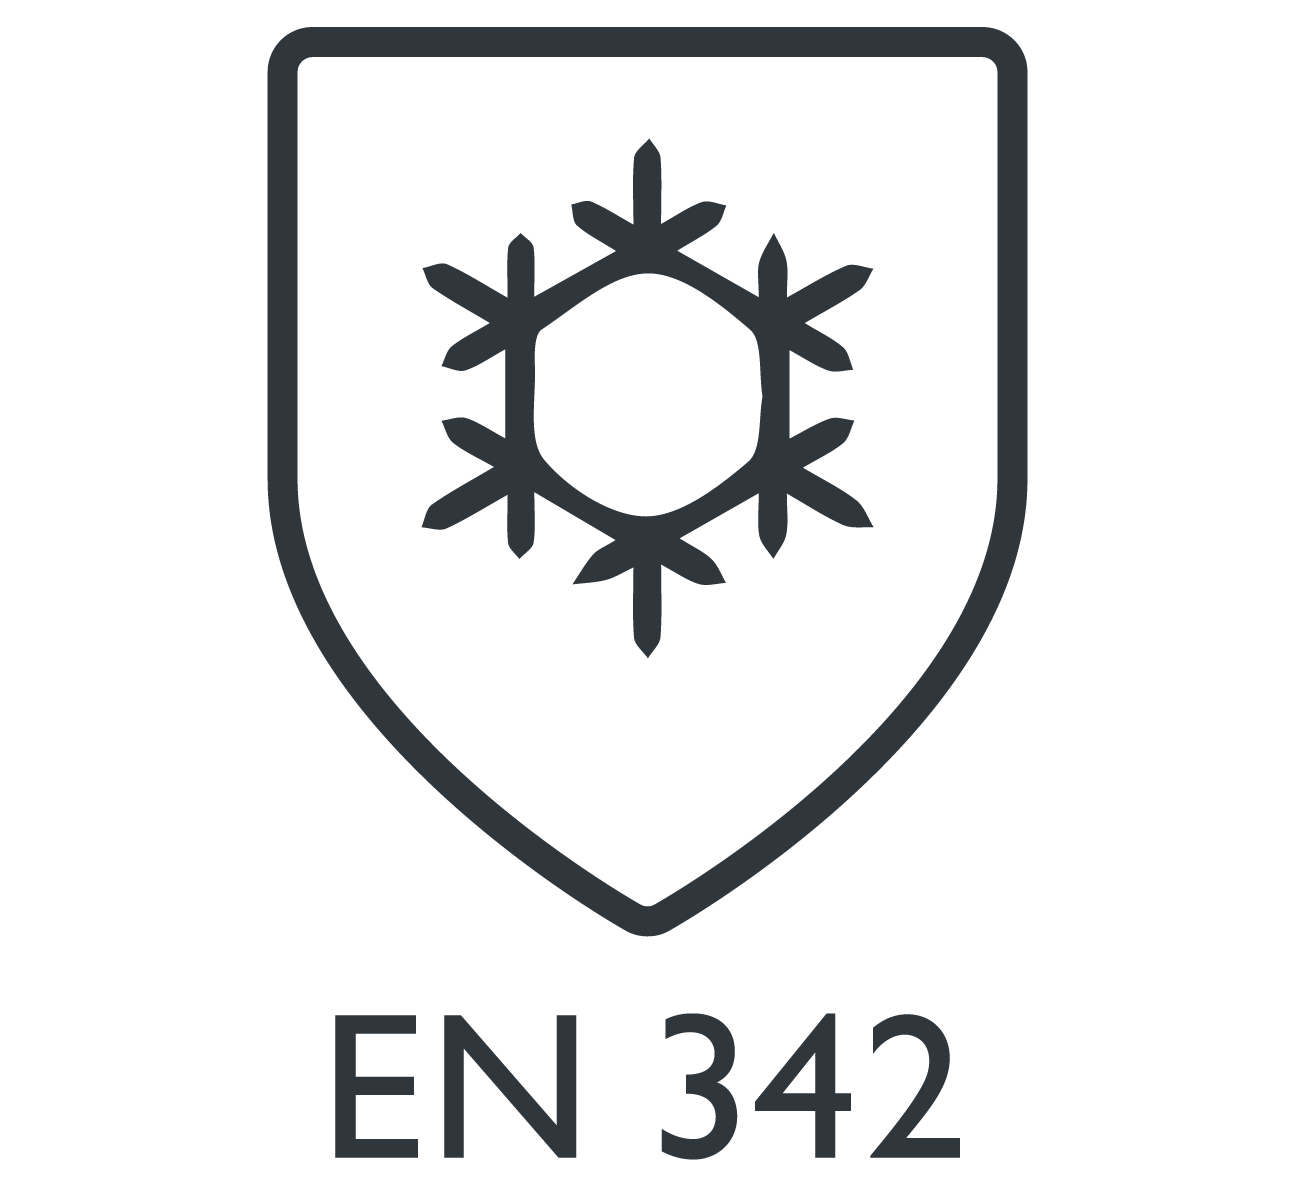 EN 342 Vestuário de proteção contra o ambiente frio Marina Textil